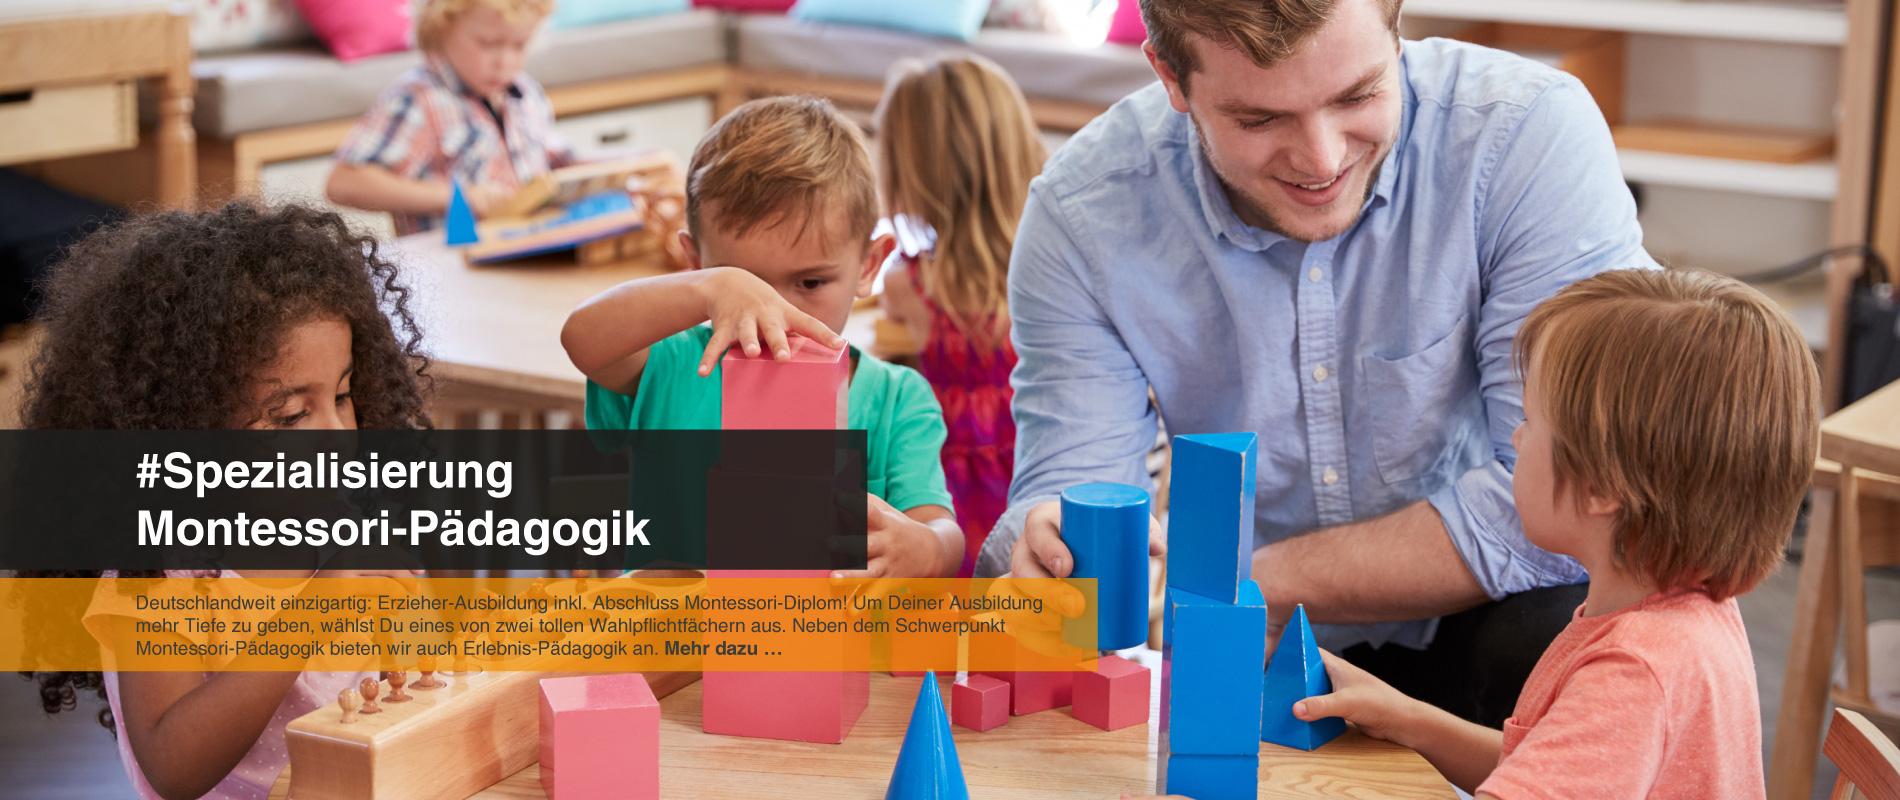 Spezialisierung_Montessori-Paedagogik